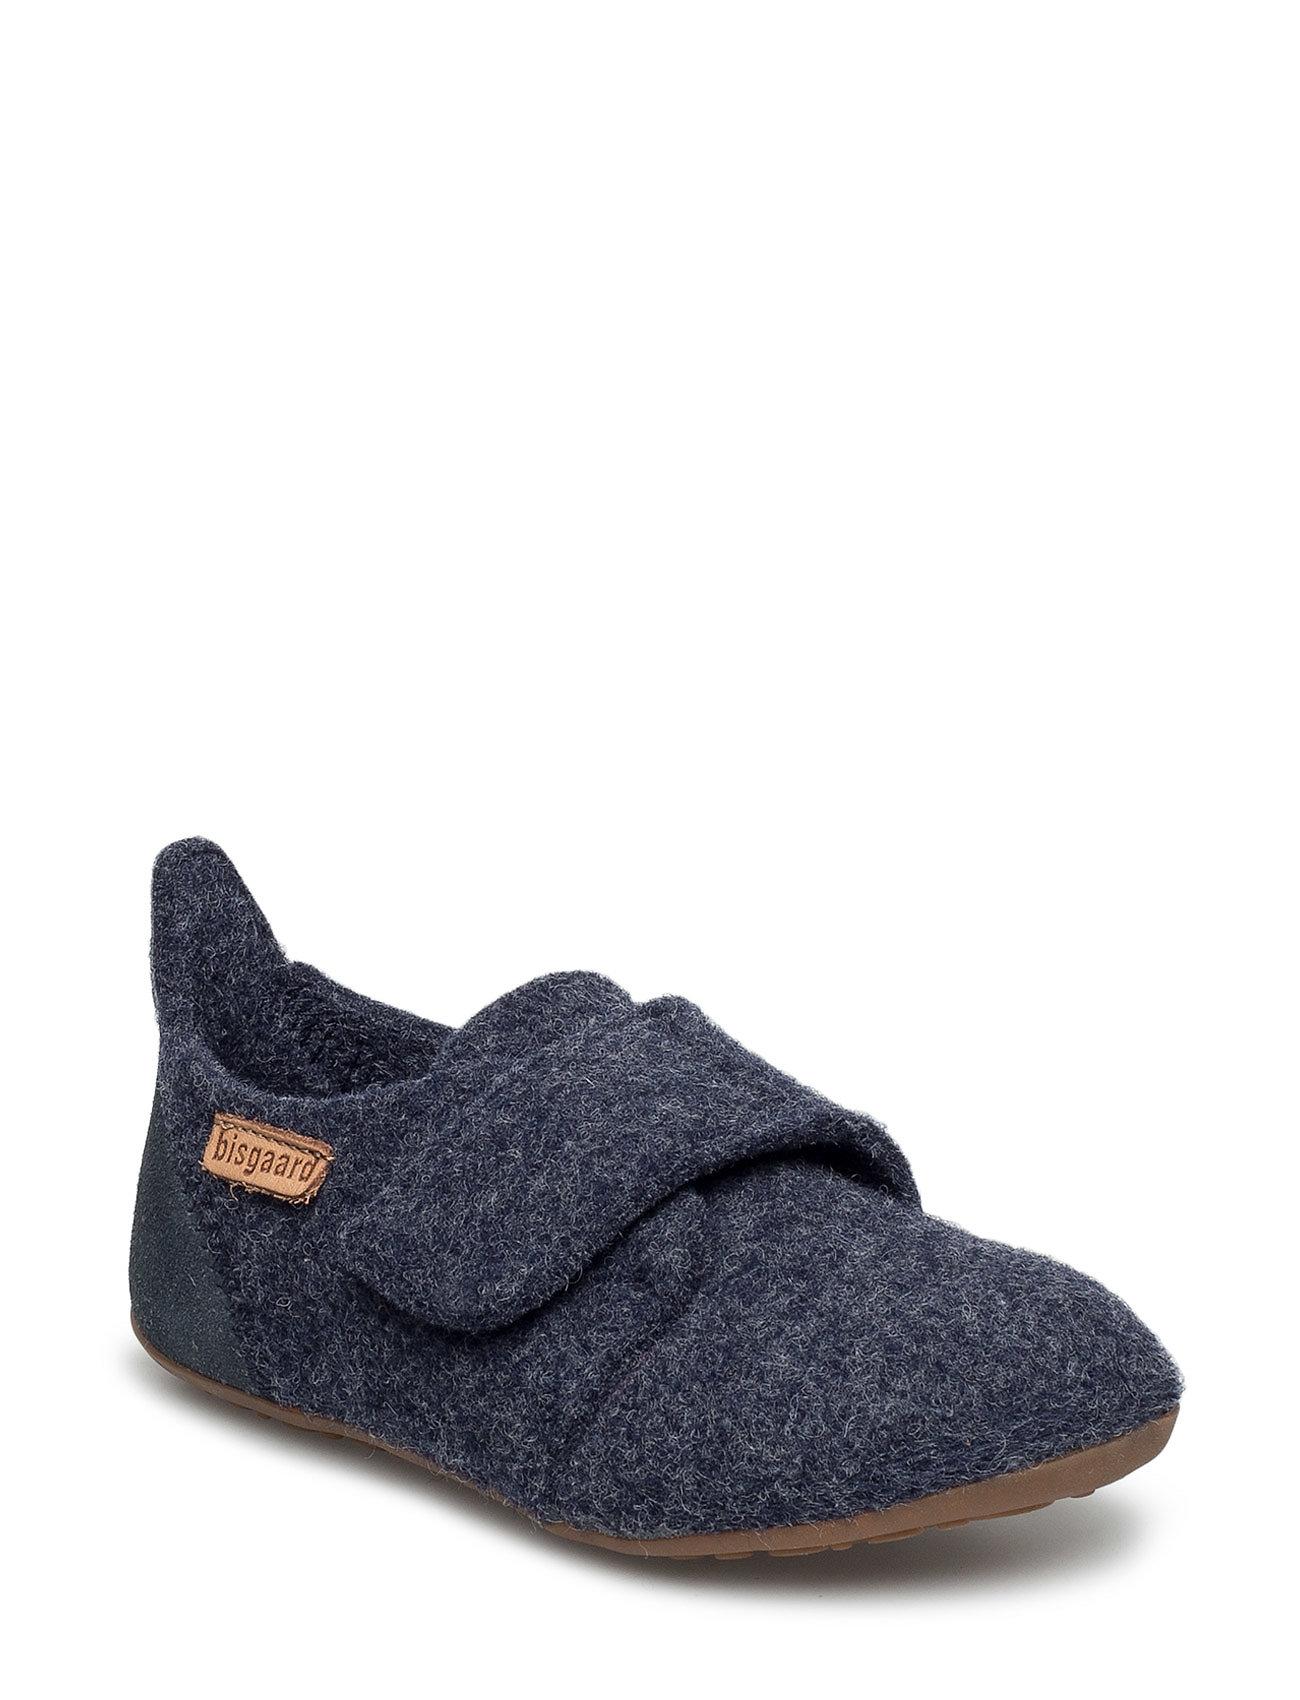 Image of Home Shoe - Wool Velcro Slippers Hjemmesko Blå Bisgaard (2382643173)